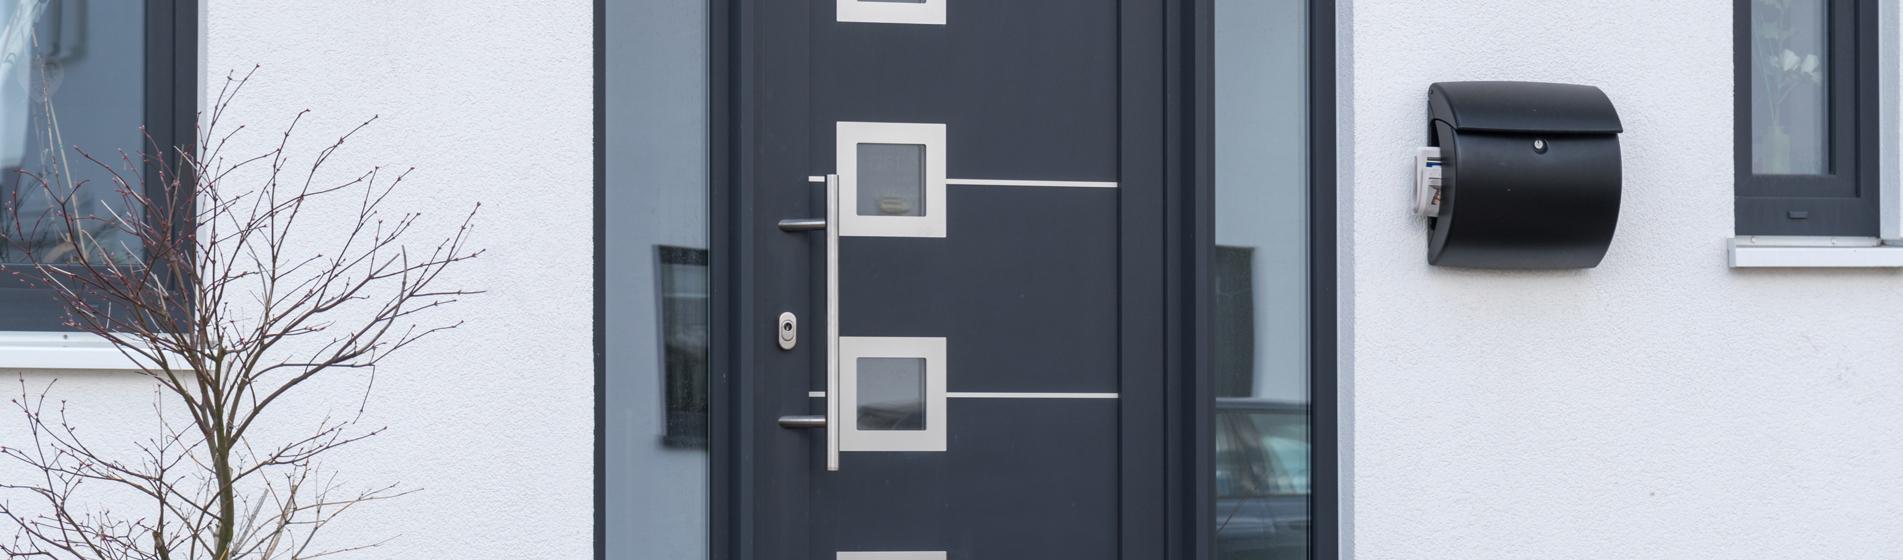 remplacement porte d'entree 13 Bouches-du-Rhône